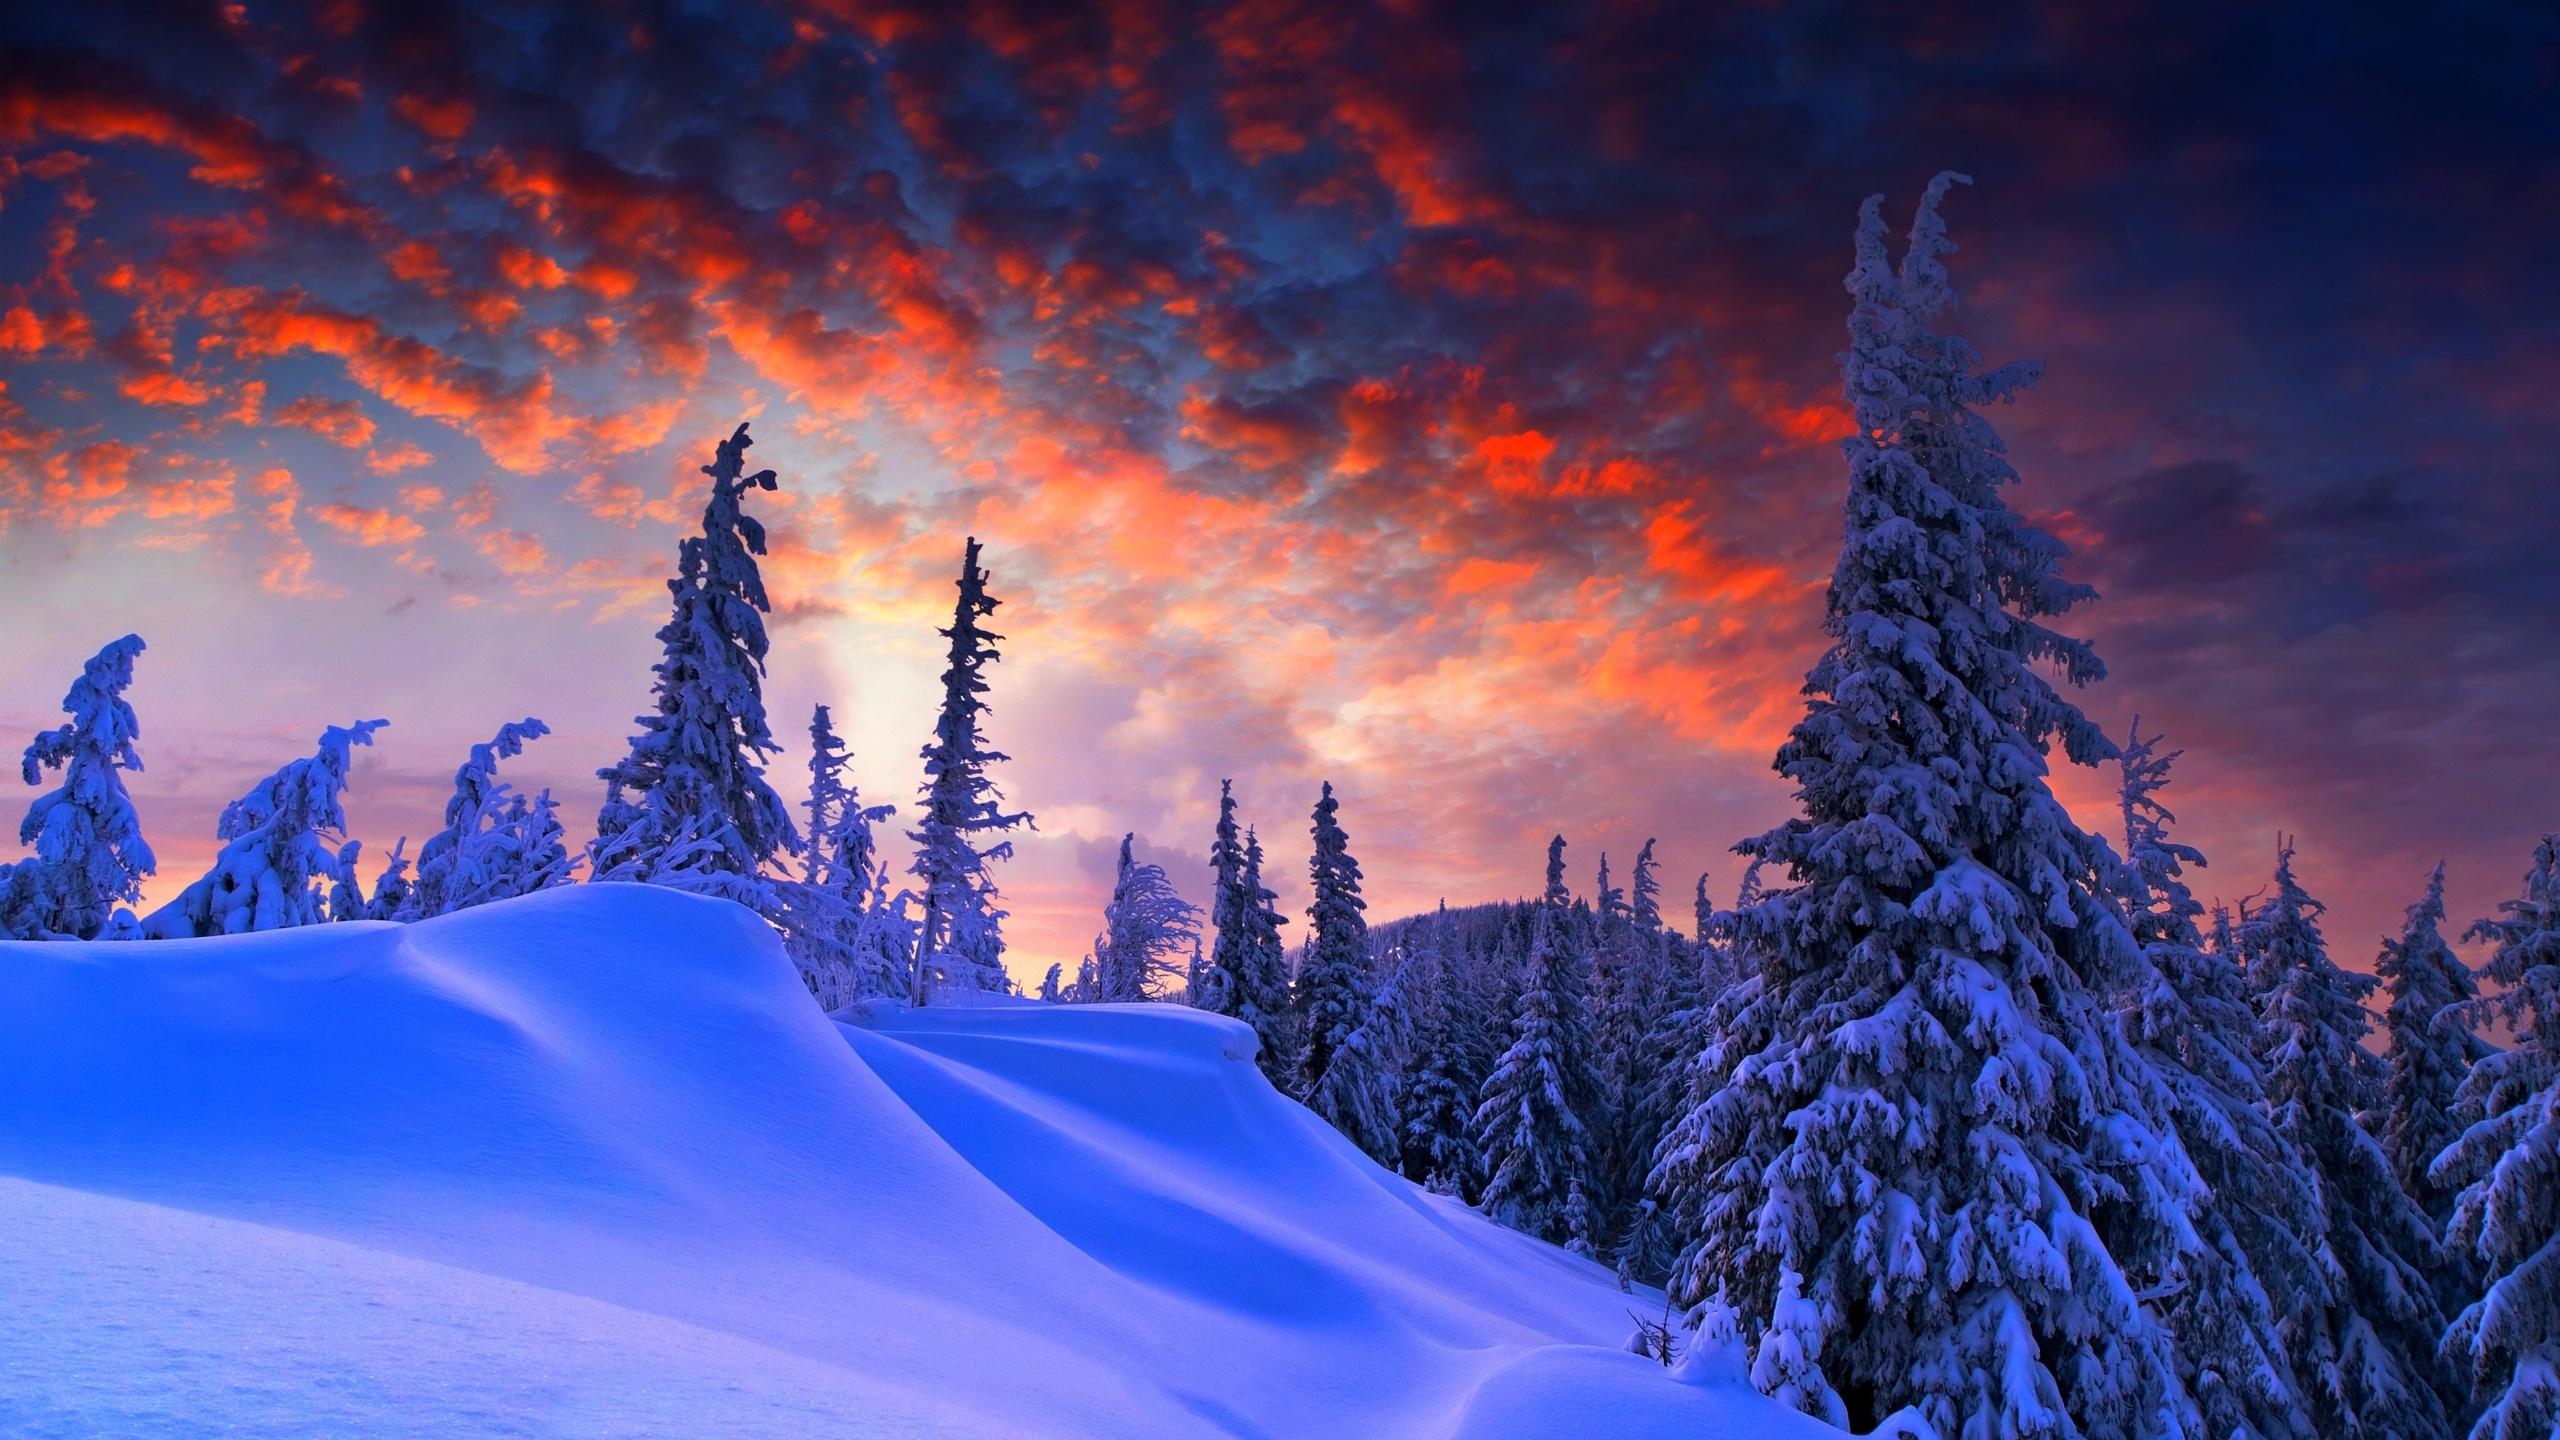 его пейзаж картинки природа зима город